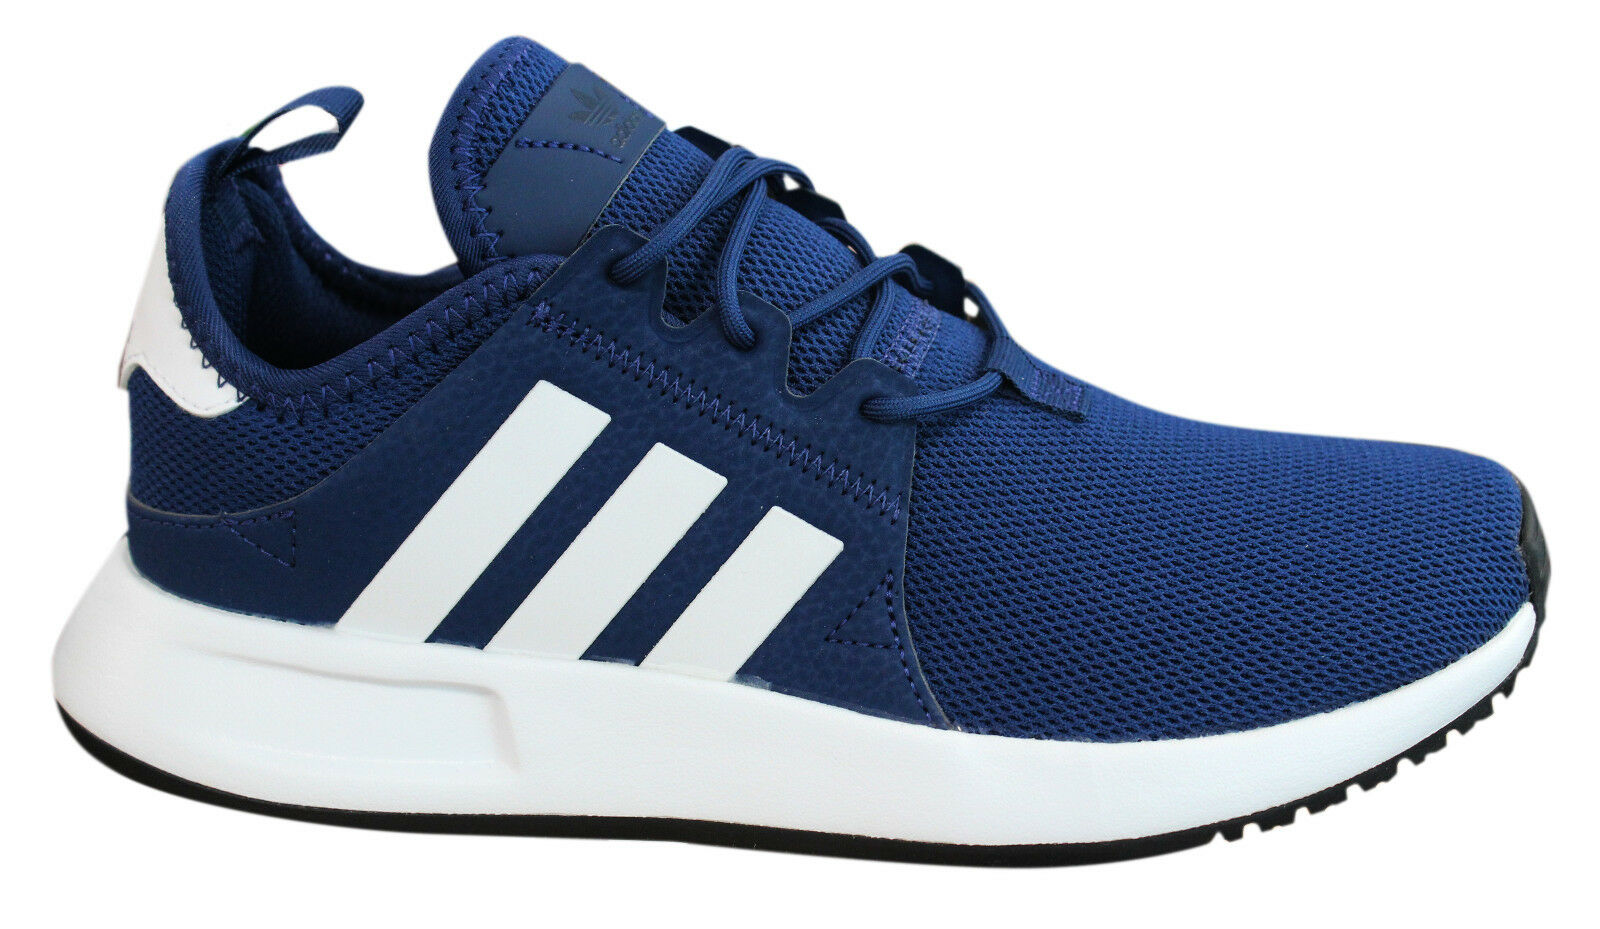 Adidas Original X _ Plr Mens Ausbilder Spitze Oben Schuhe Blau Textil Netz Bequem und natürlich